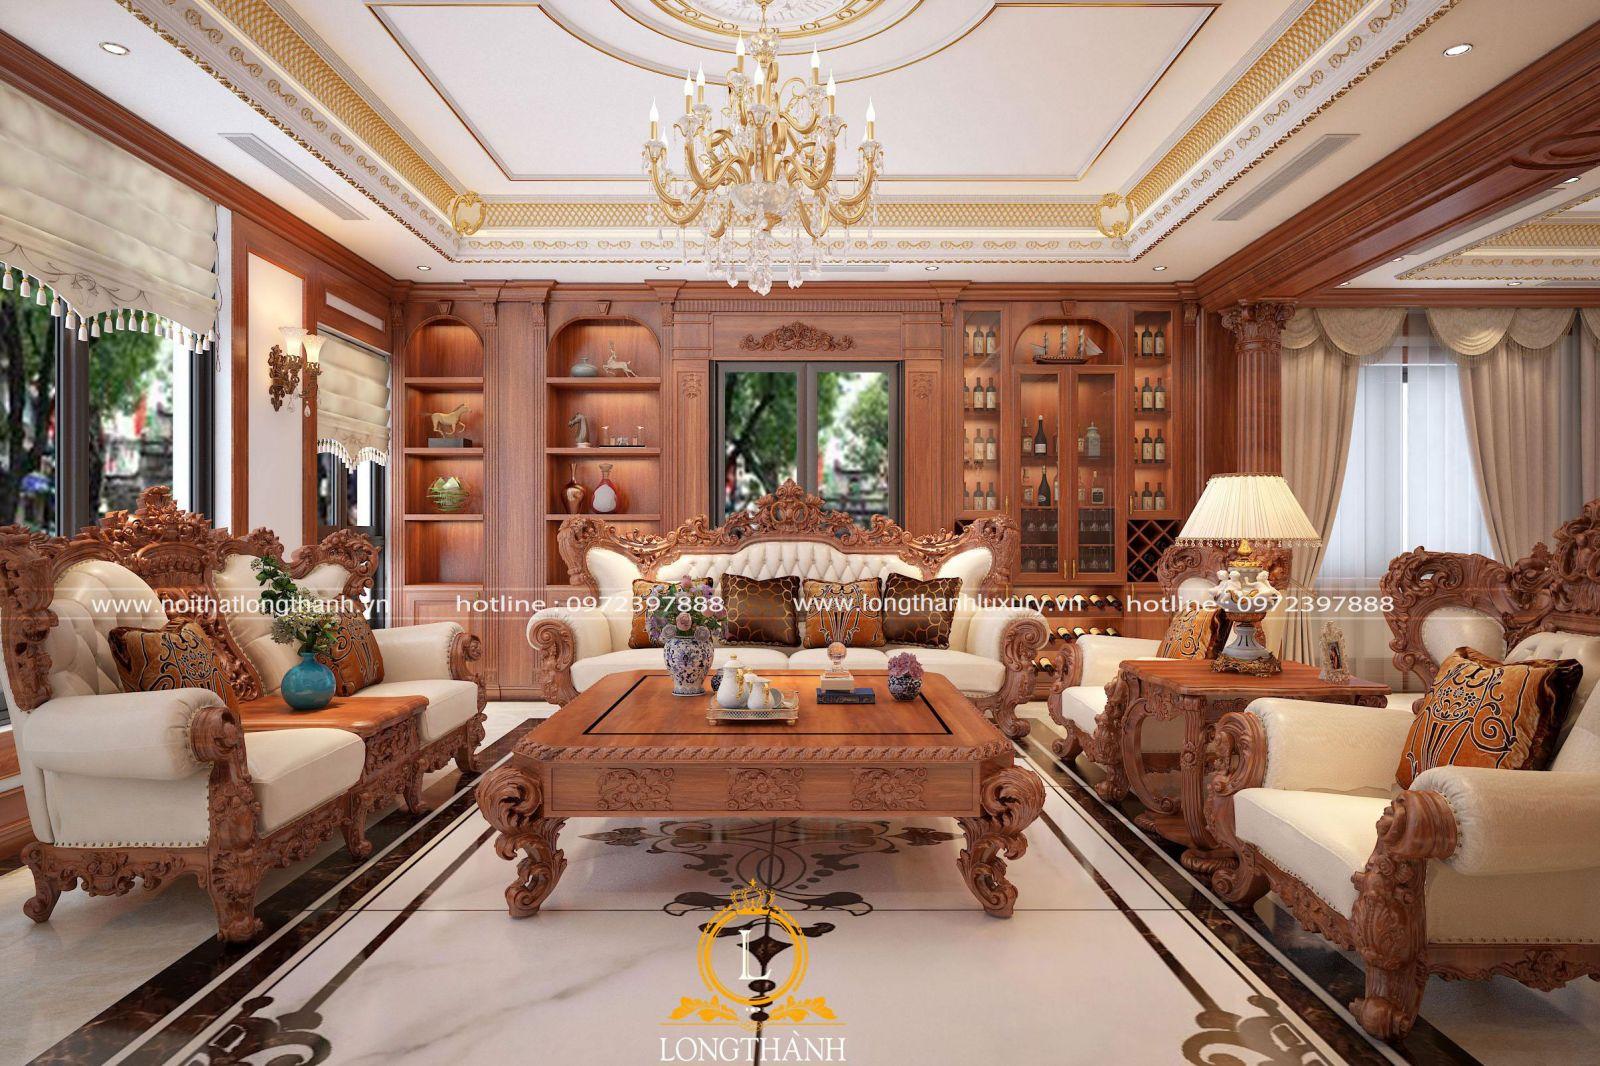 Thiết kế nội thất tân cổ điển đơn giản là như thế nào và có đặc trưng gì